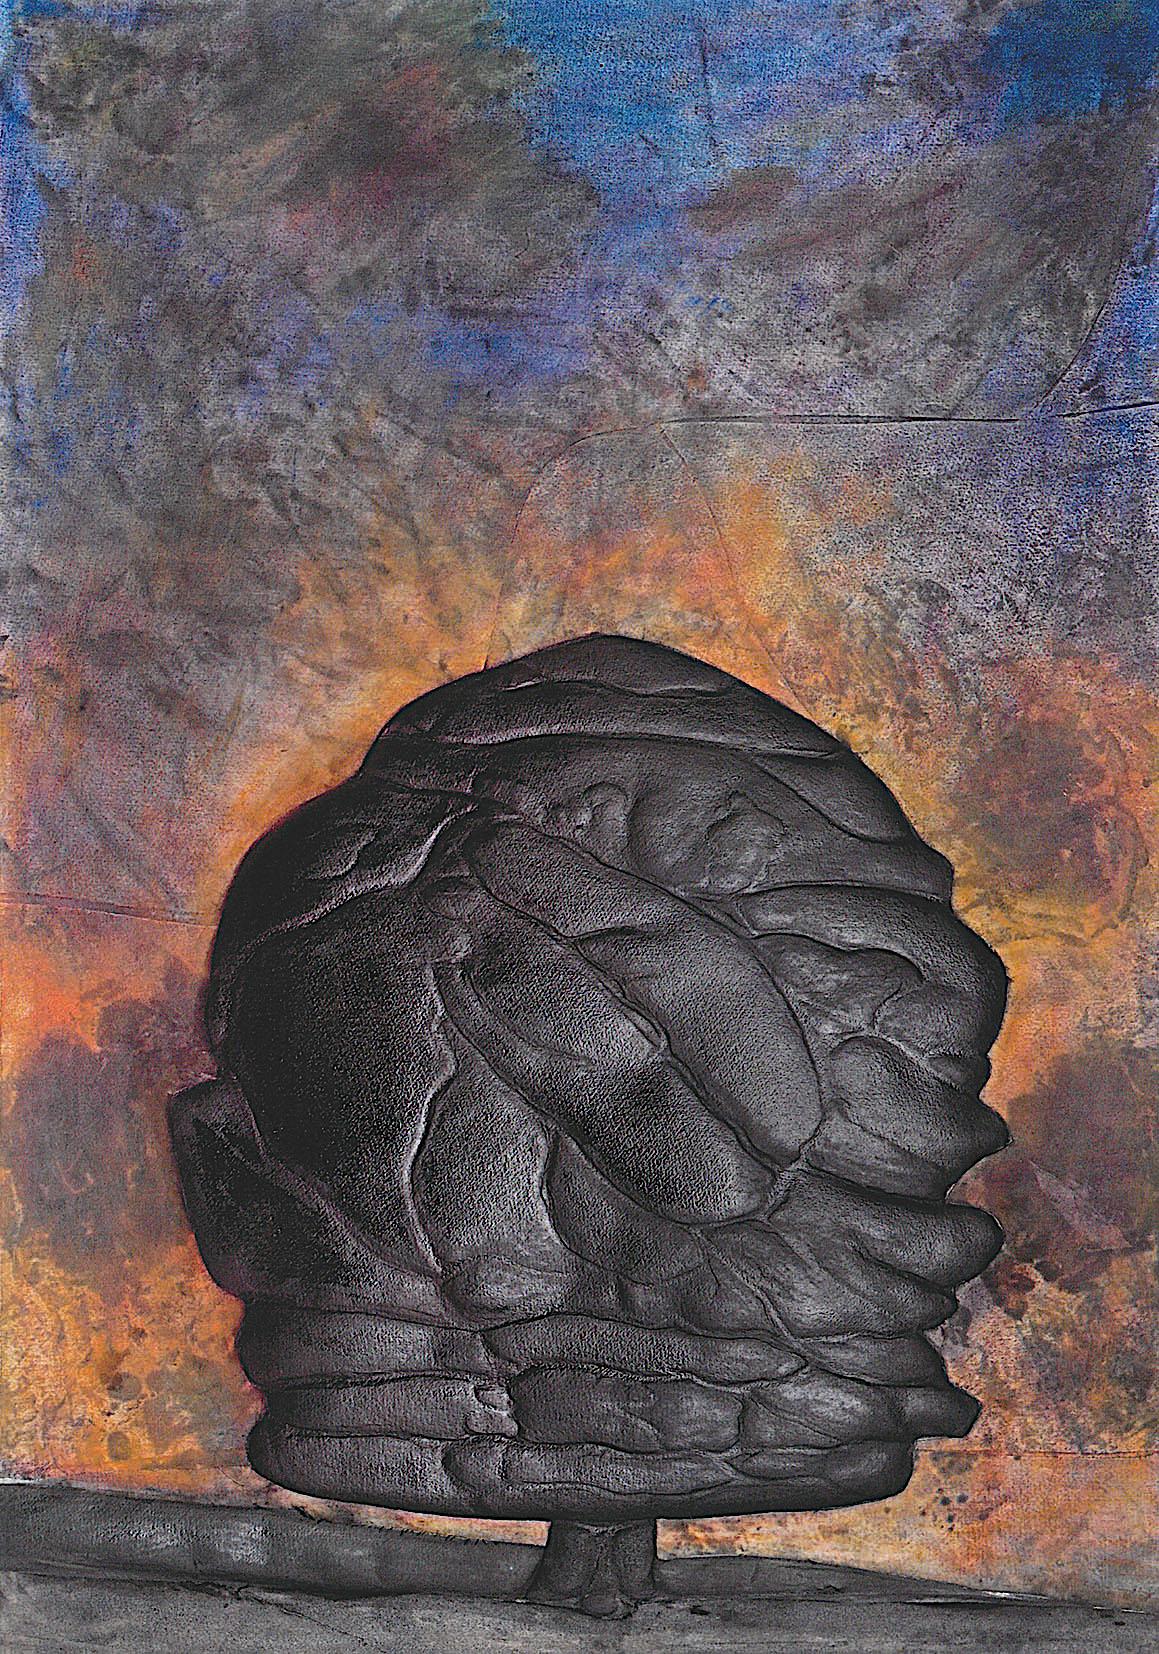 2011. 100 x 65 cm. Papier en relief marouflé sur toile avec lès de toile marouflés sur papier. Encre d'imprimerie.